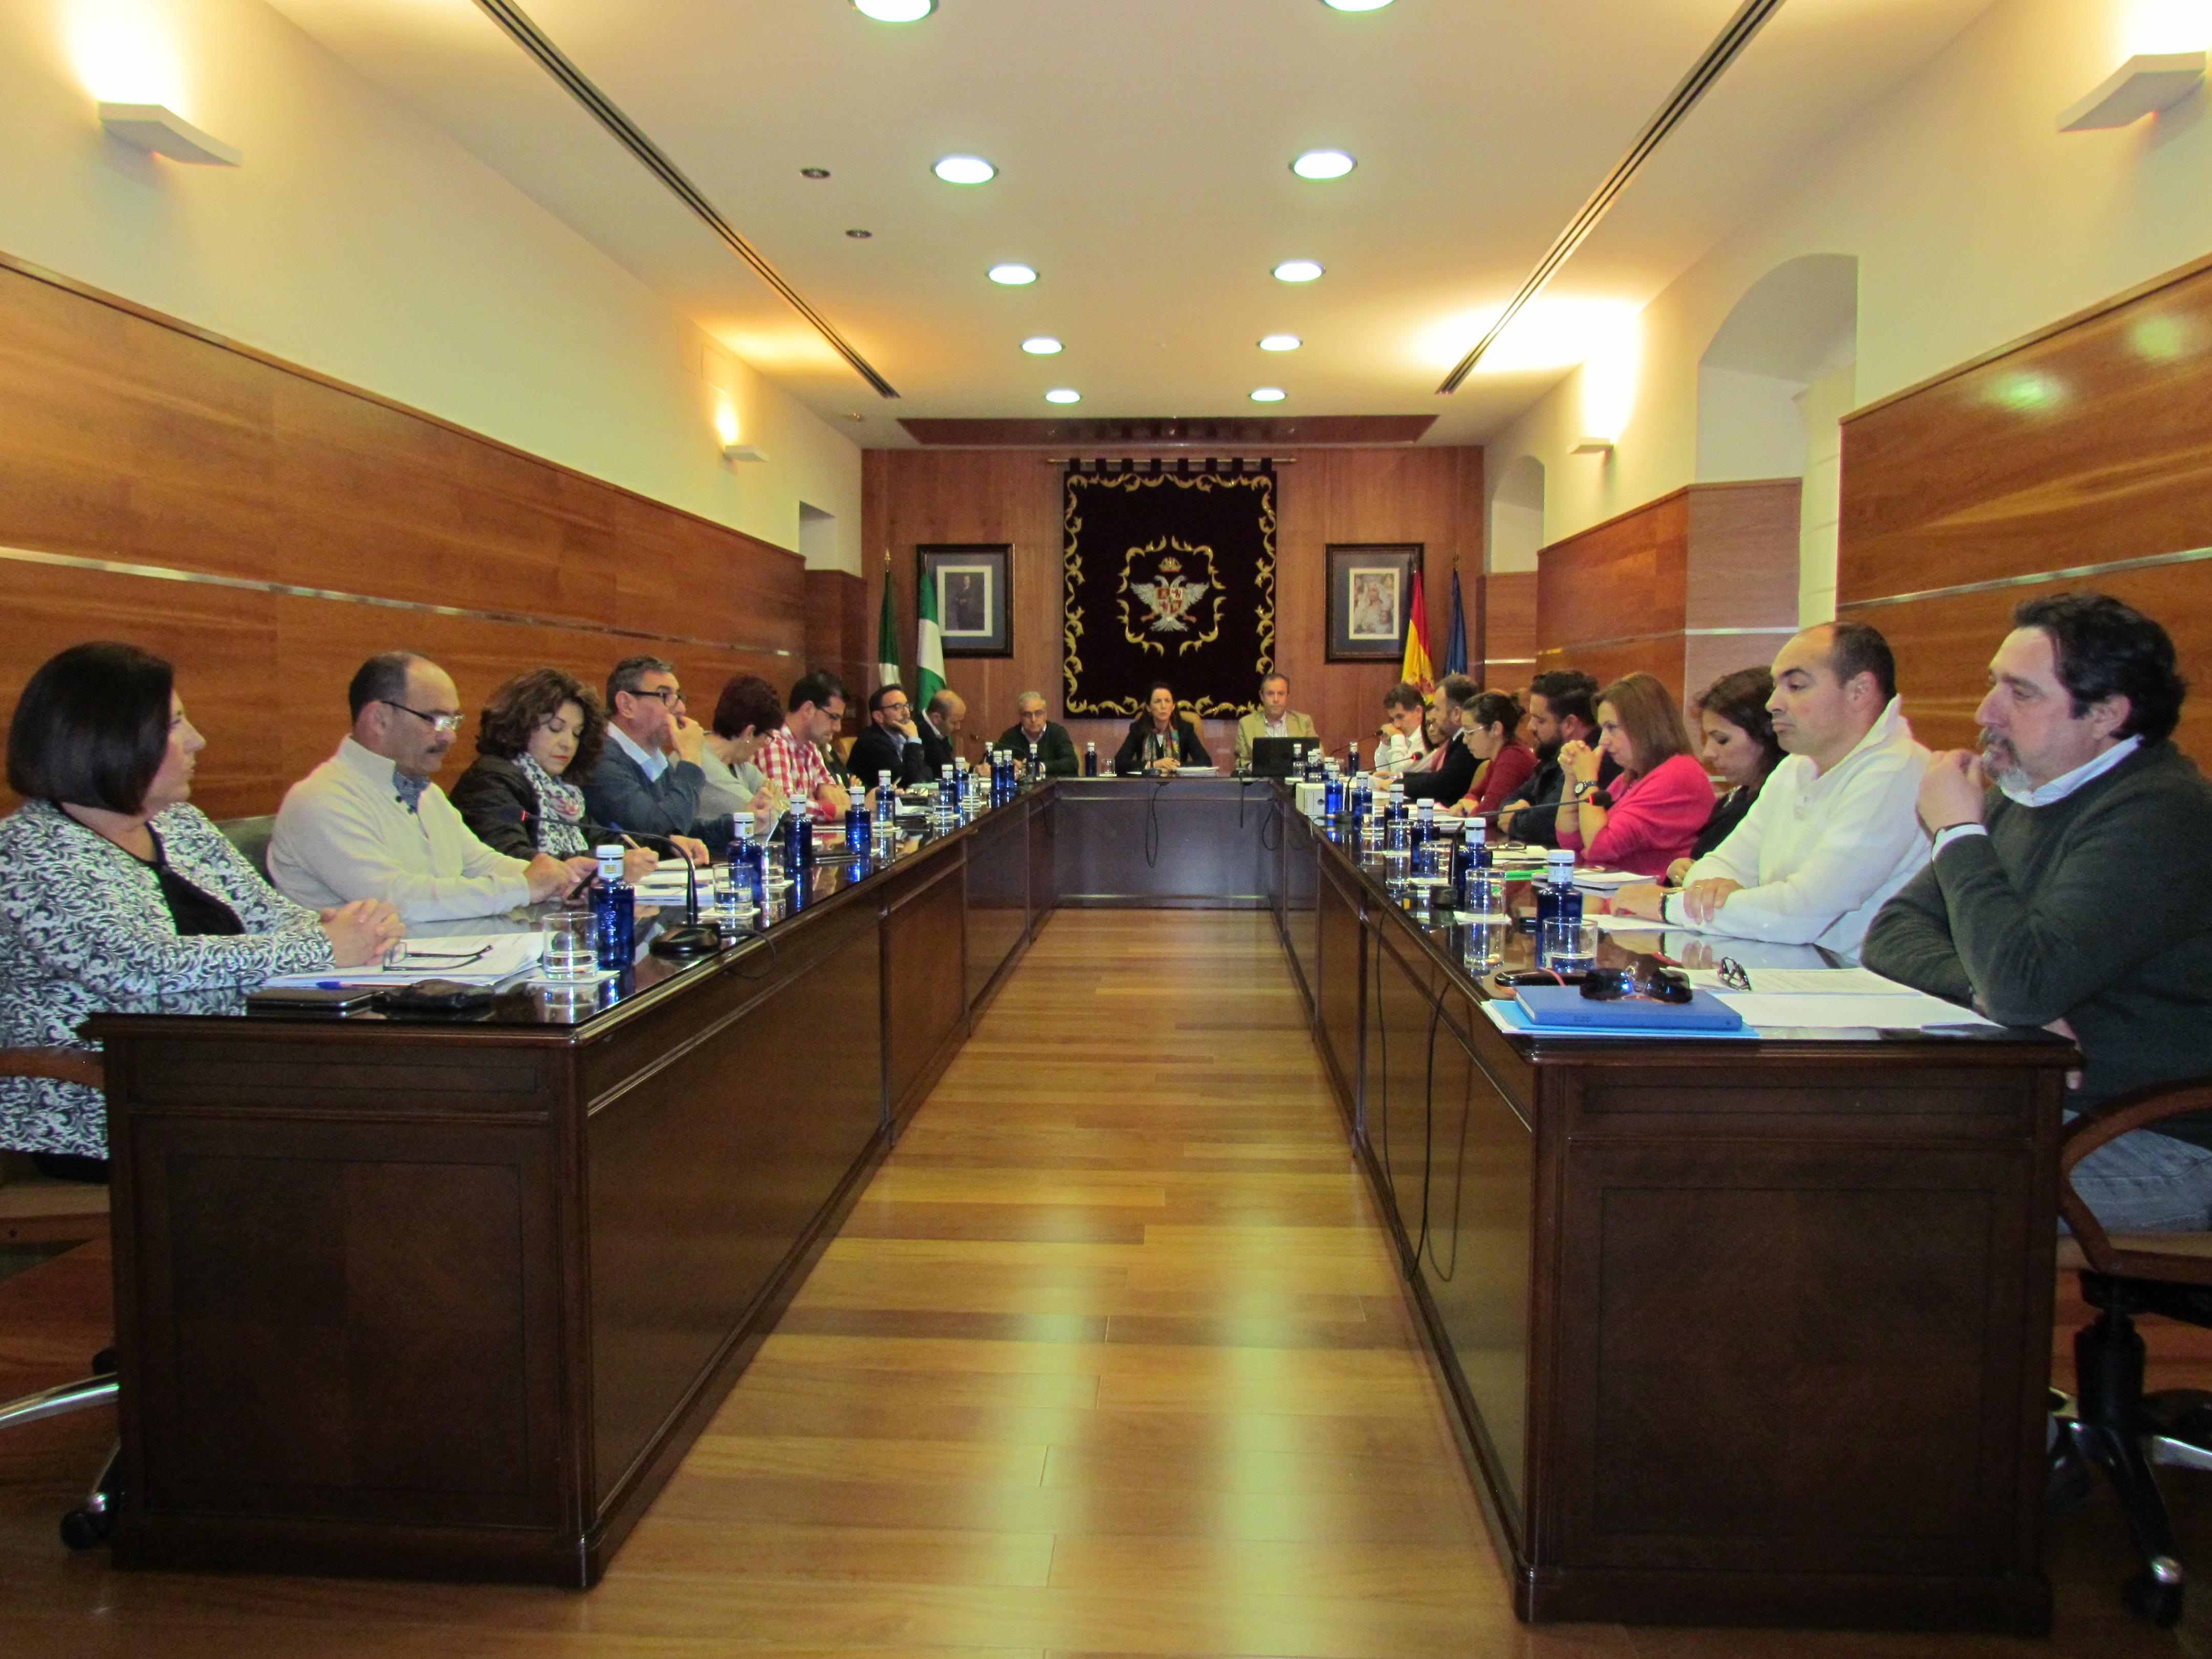 La alcaldesa de Alhaurín el Grande llega a un acuerdo para aprobar los presupuestos 2018 la próxima semana